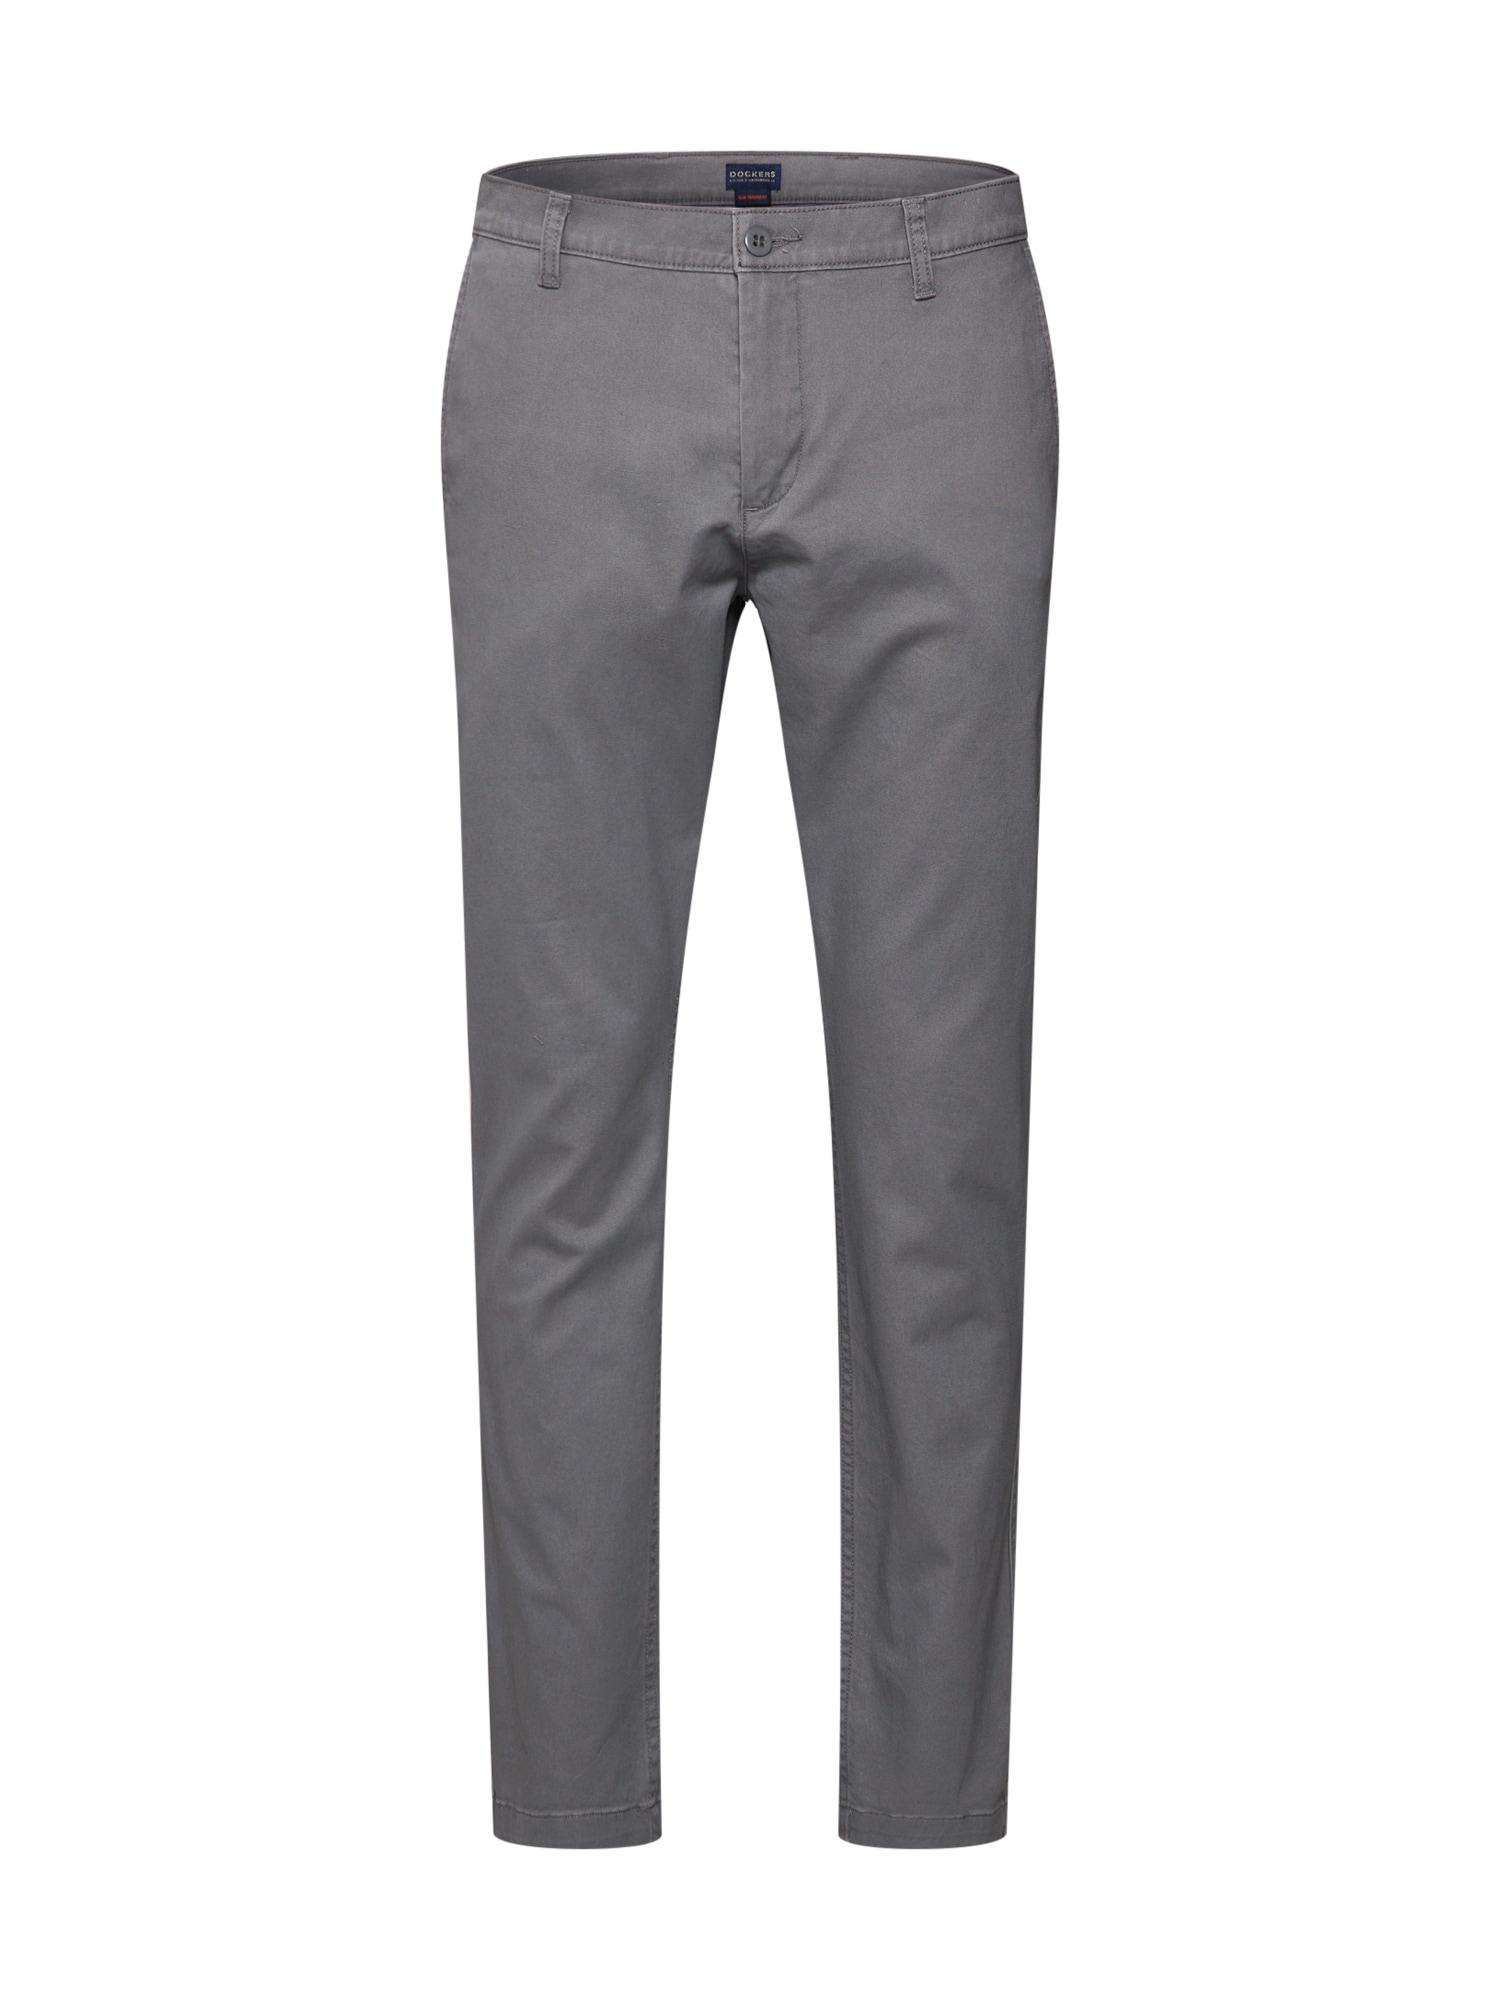 Kalhoty WASHED KHAKI SLIM (TAPERED) - STRETCH TWILL šedá Dockers